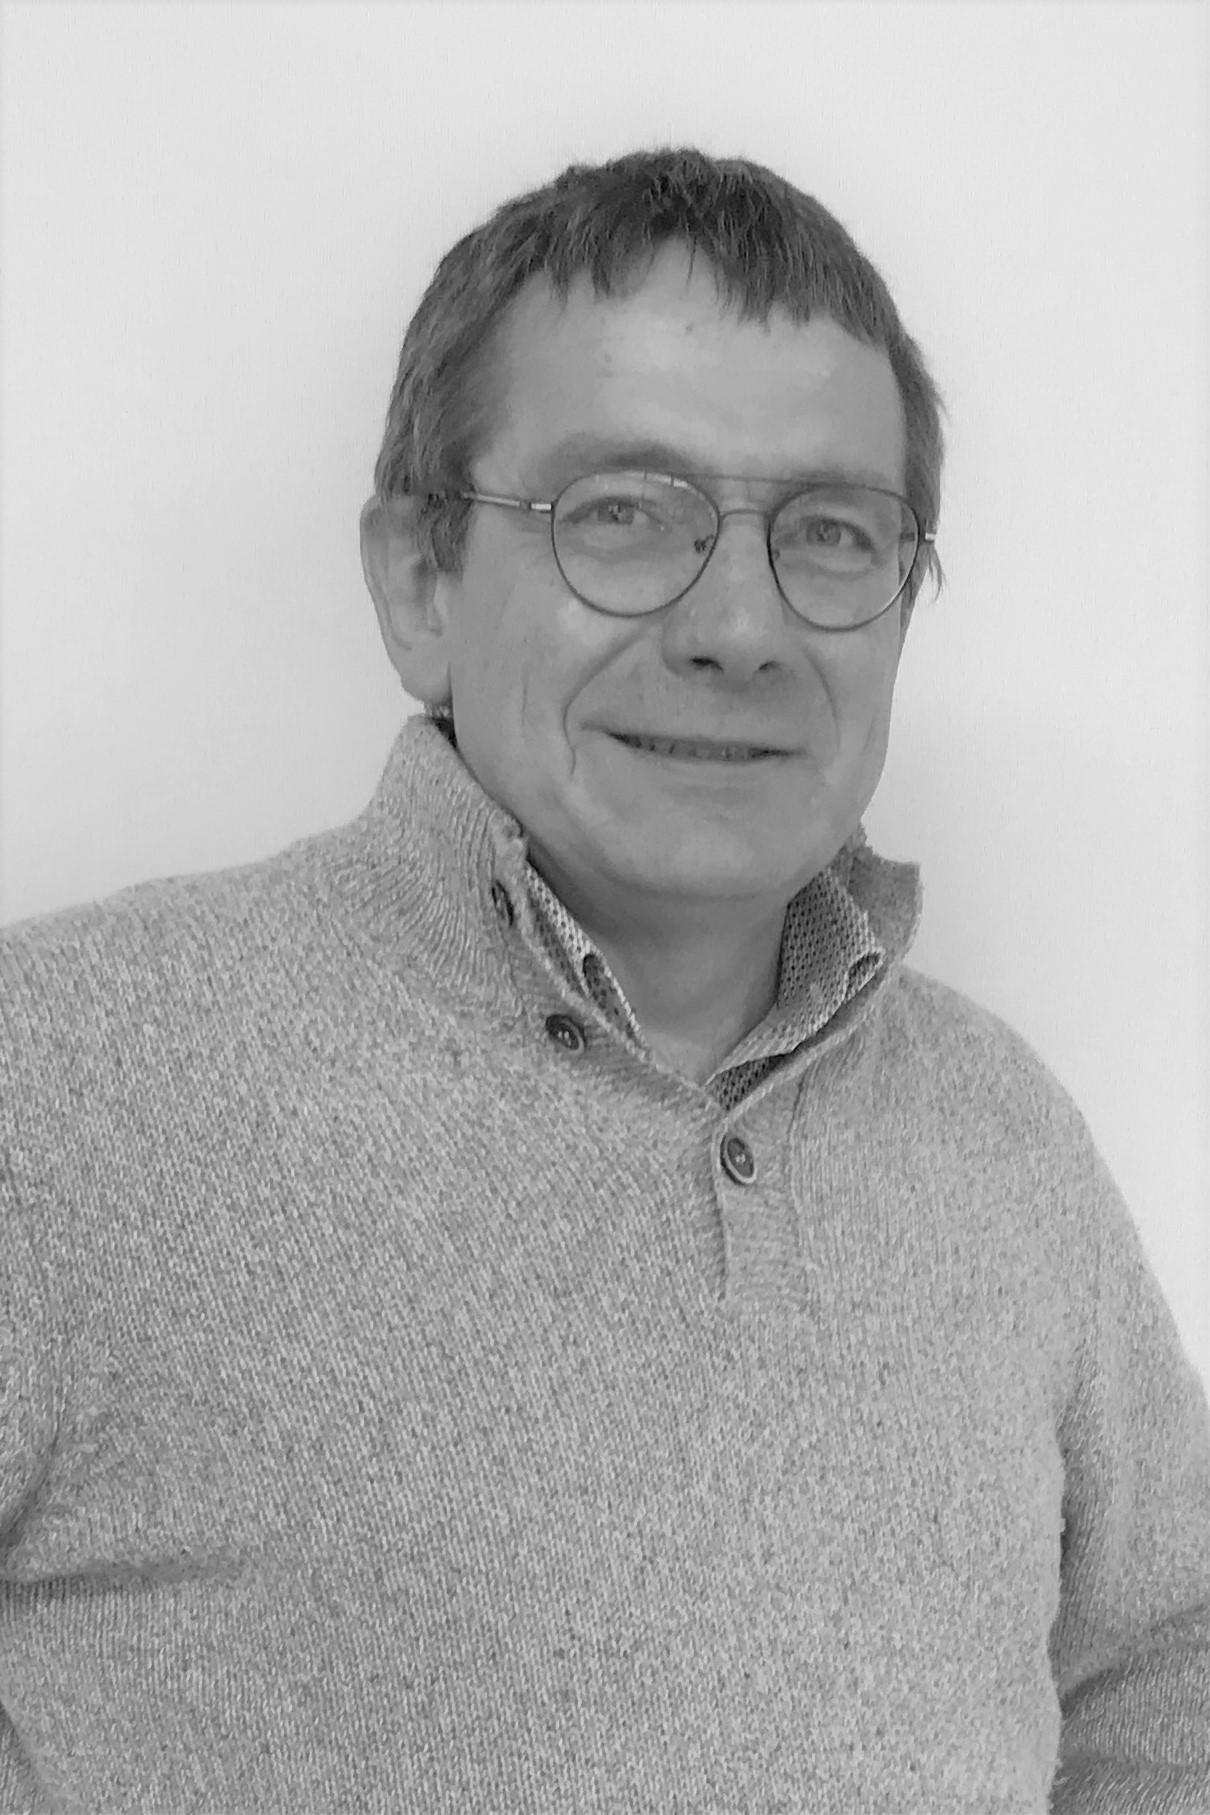 Helmut HEYEN